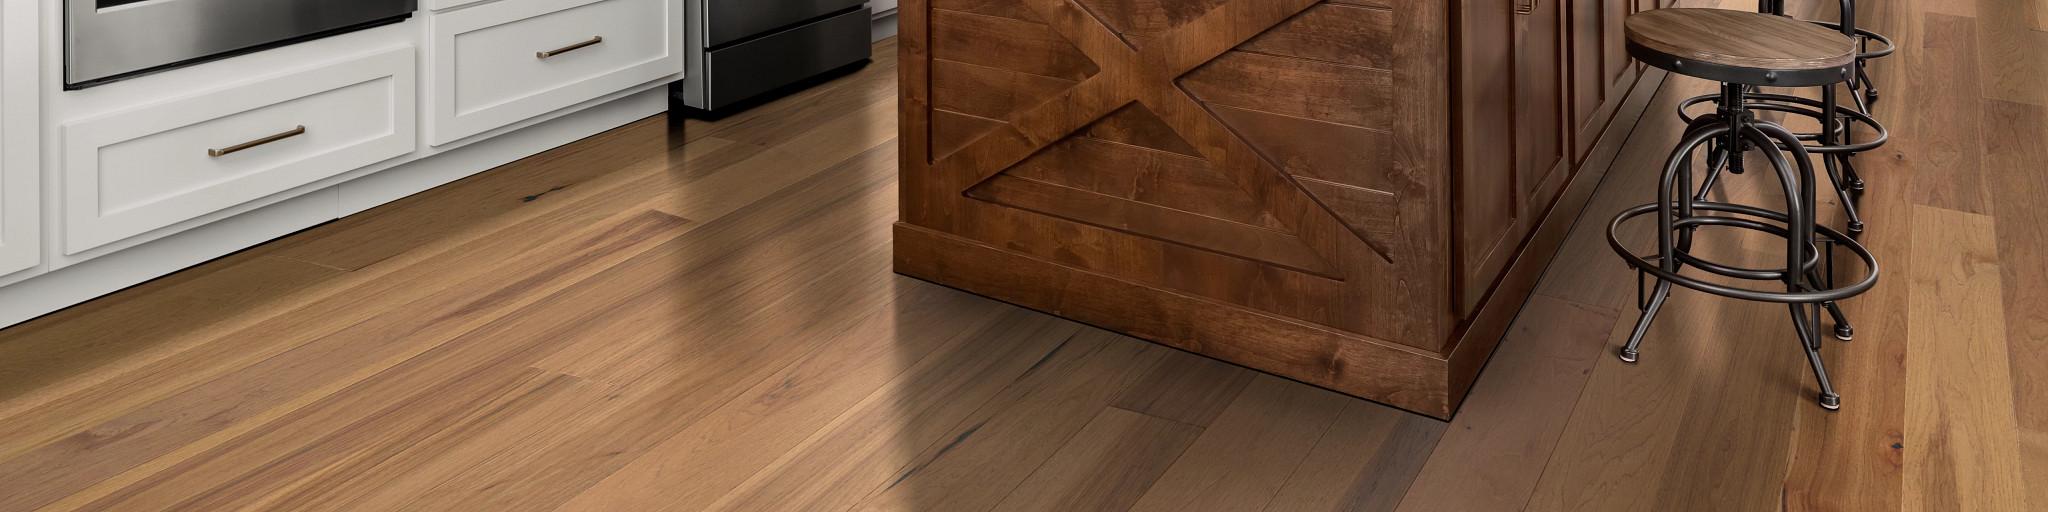 Hardwood-Epic-Plus-ExplorationHickory-SW740-01103-Dune-Kitchen-2020